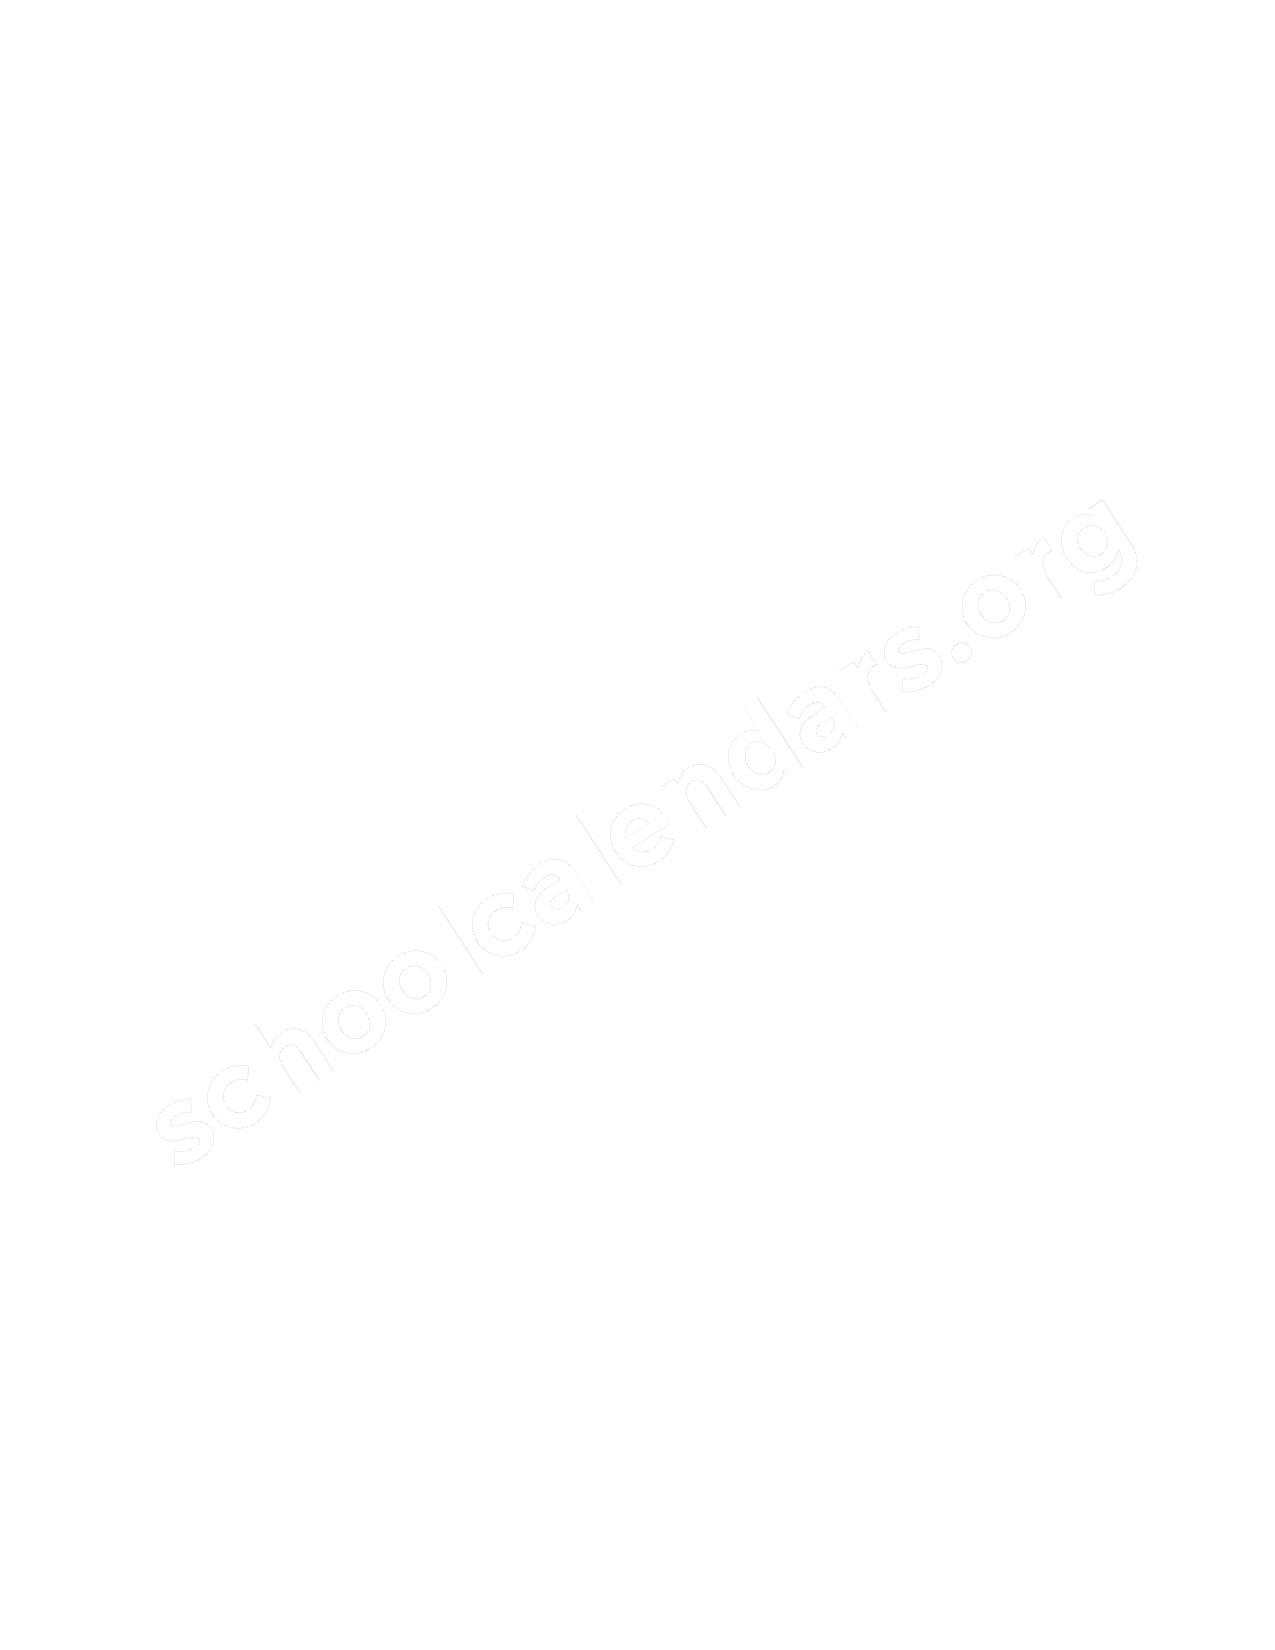 2017 - 2018 School Calendar – Glanton-Hindsman Elementary School – page 2